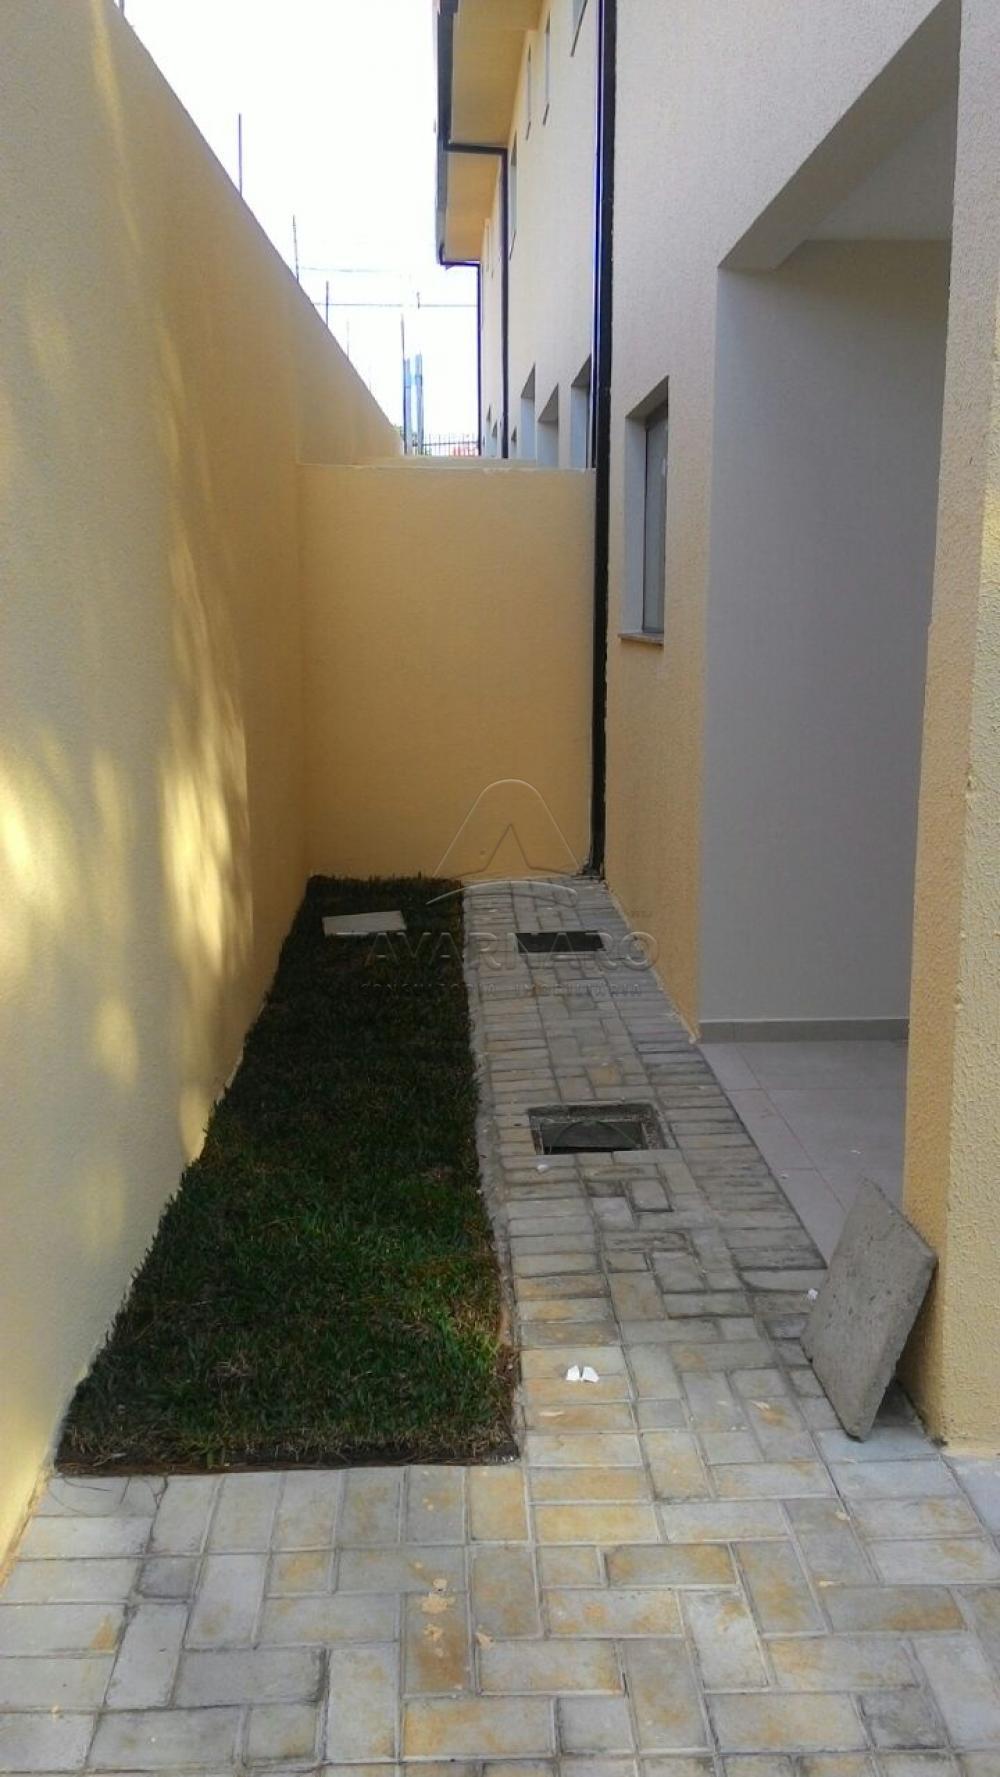 Comprar Casa / Sobrado em Ponta Grossa apenas R$ 135.000,00 - Foto 3